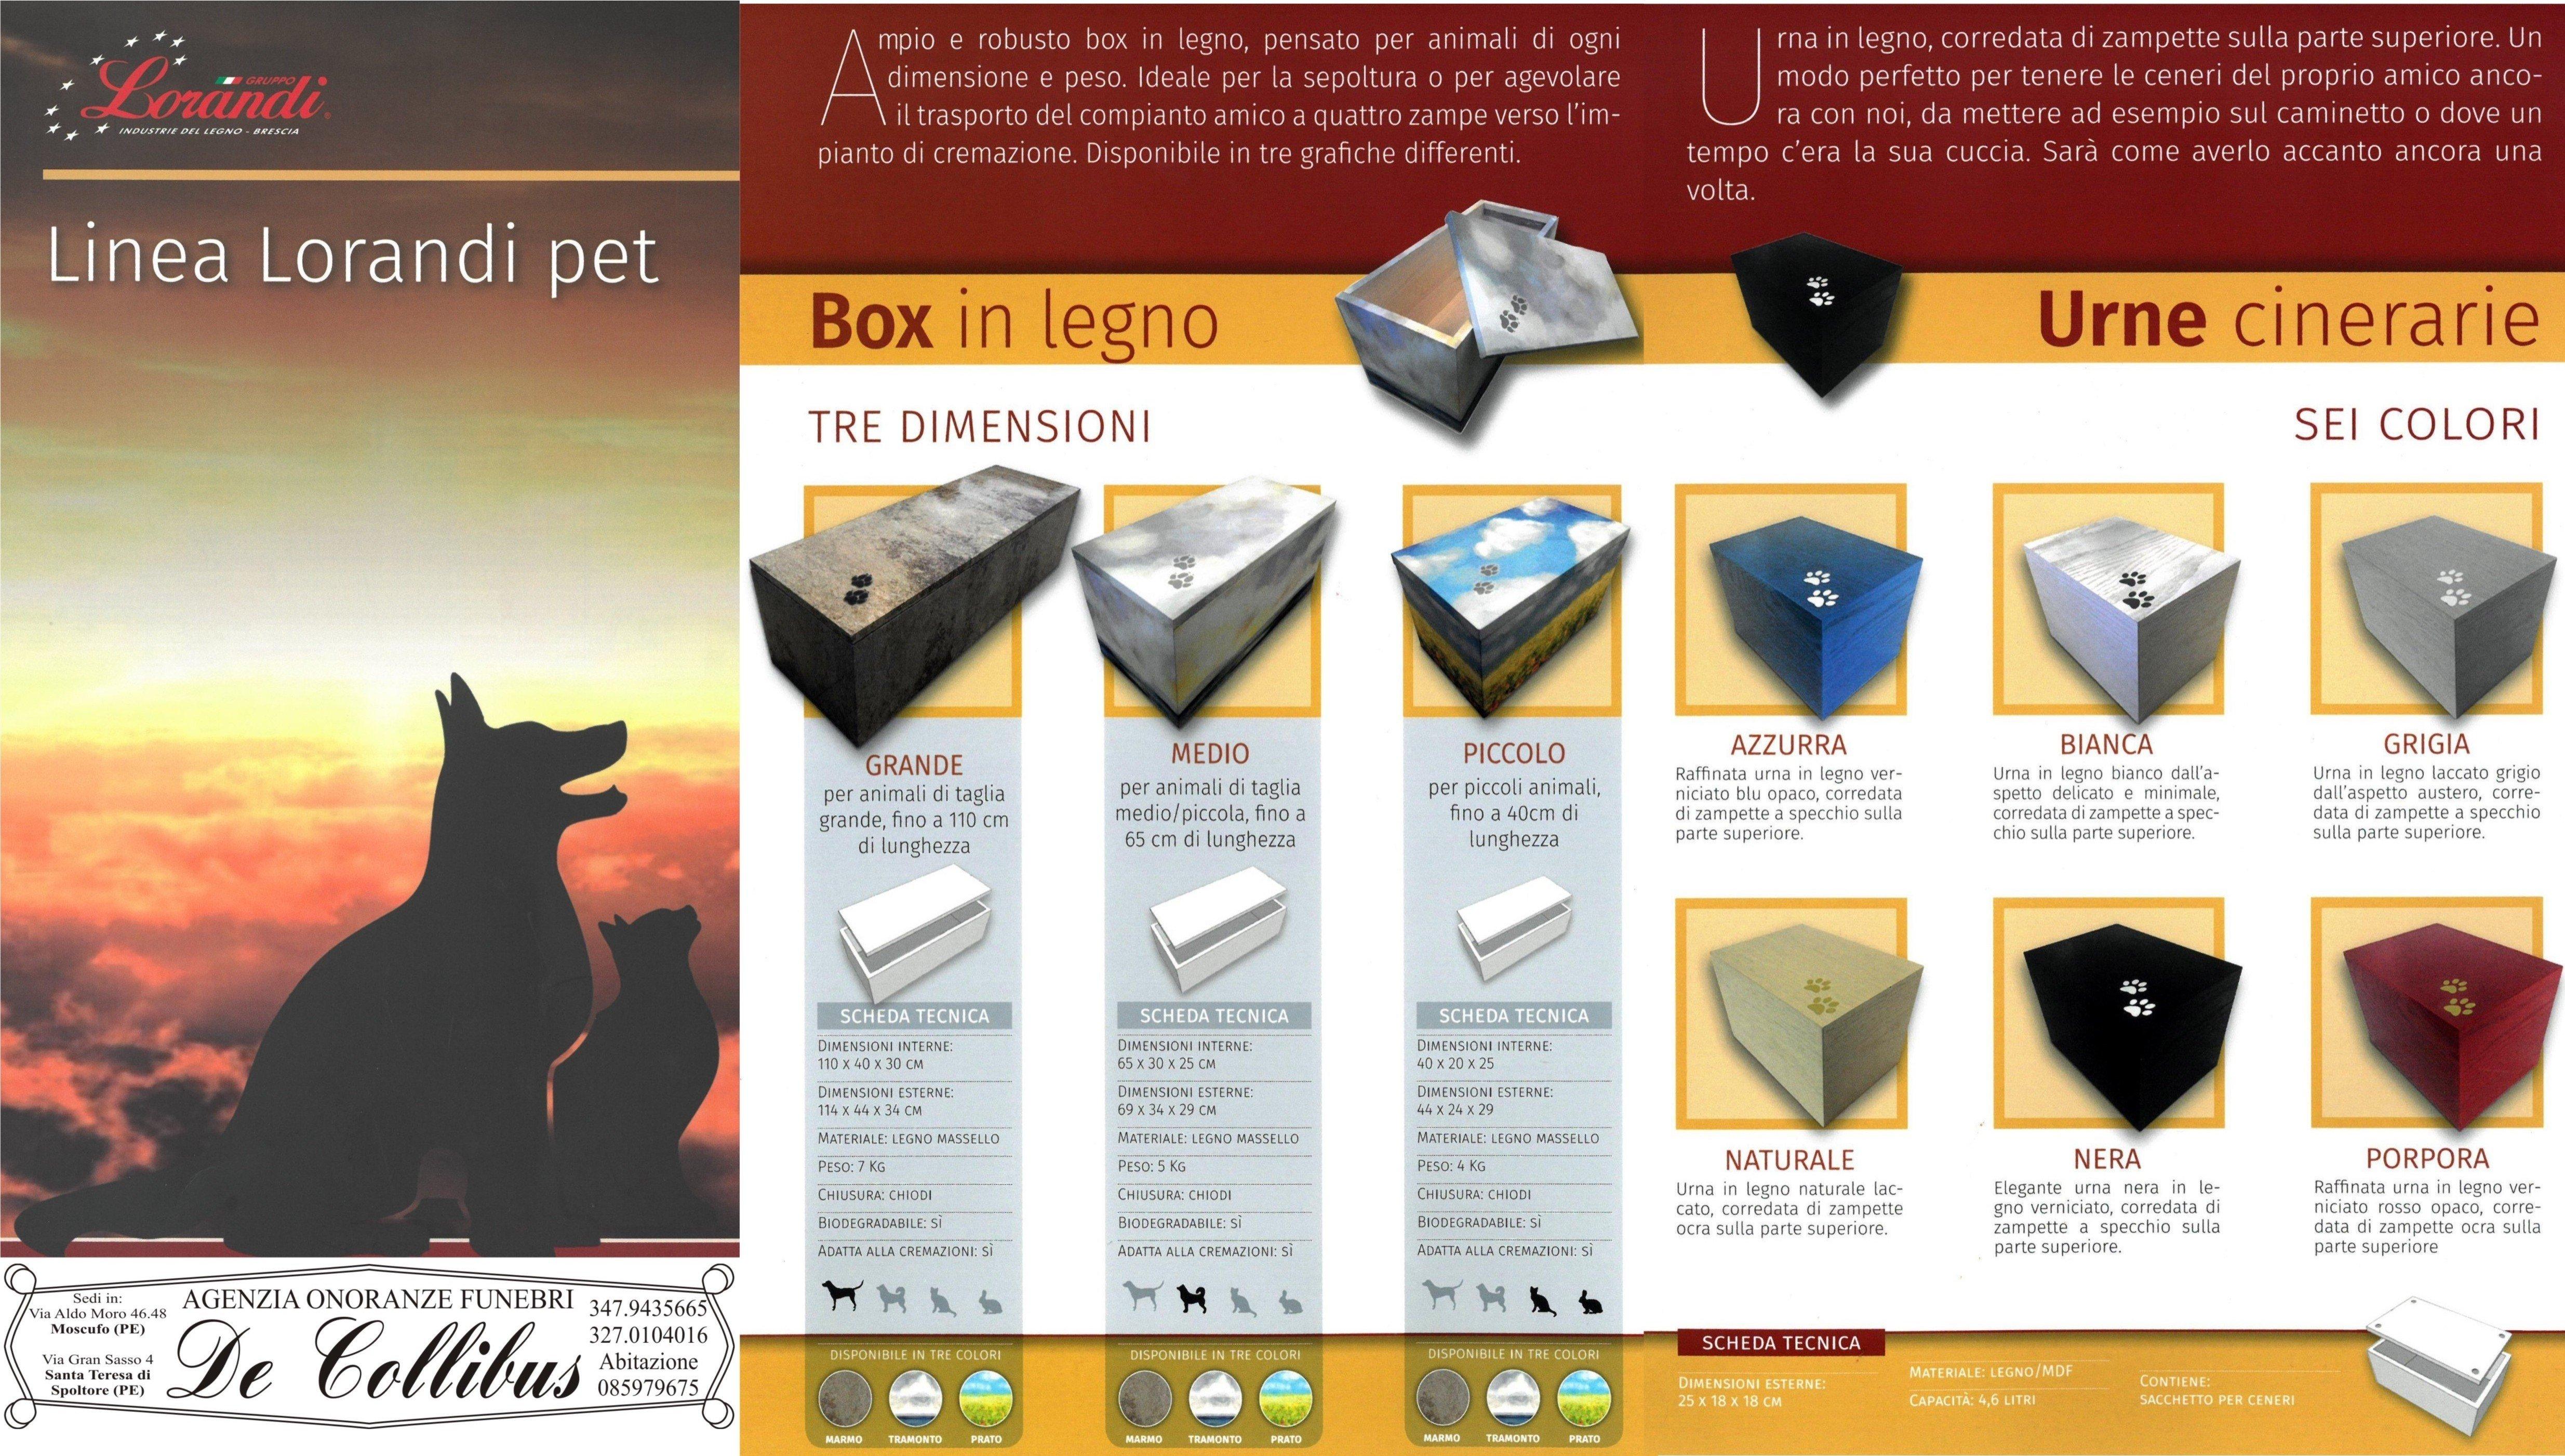 una brochure illustrativa con diversi tipi di bare  e urne cinerarie